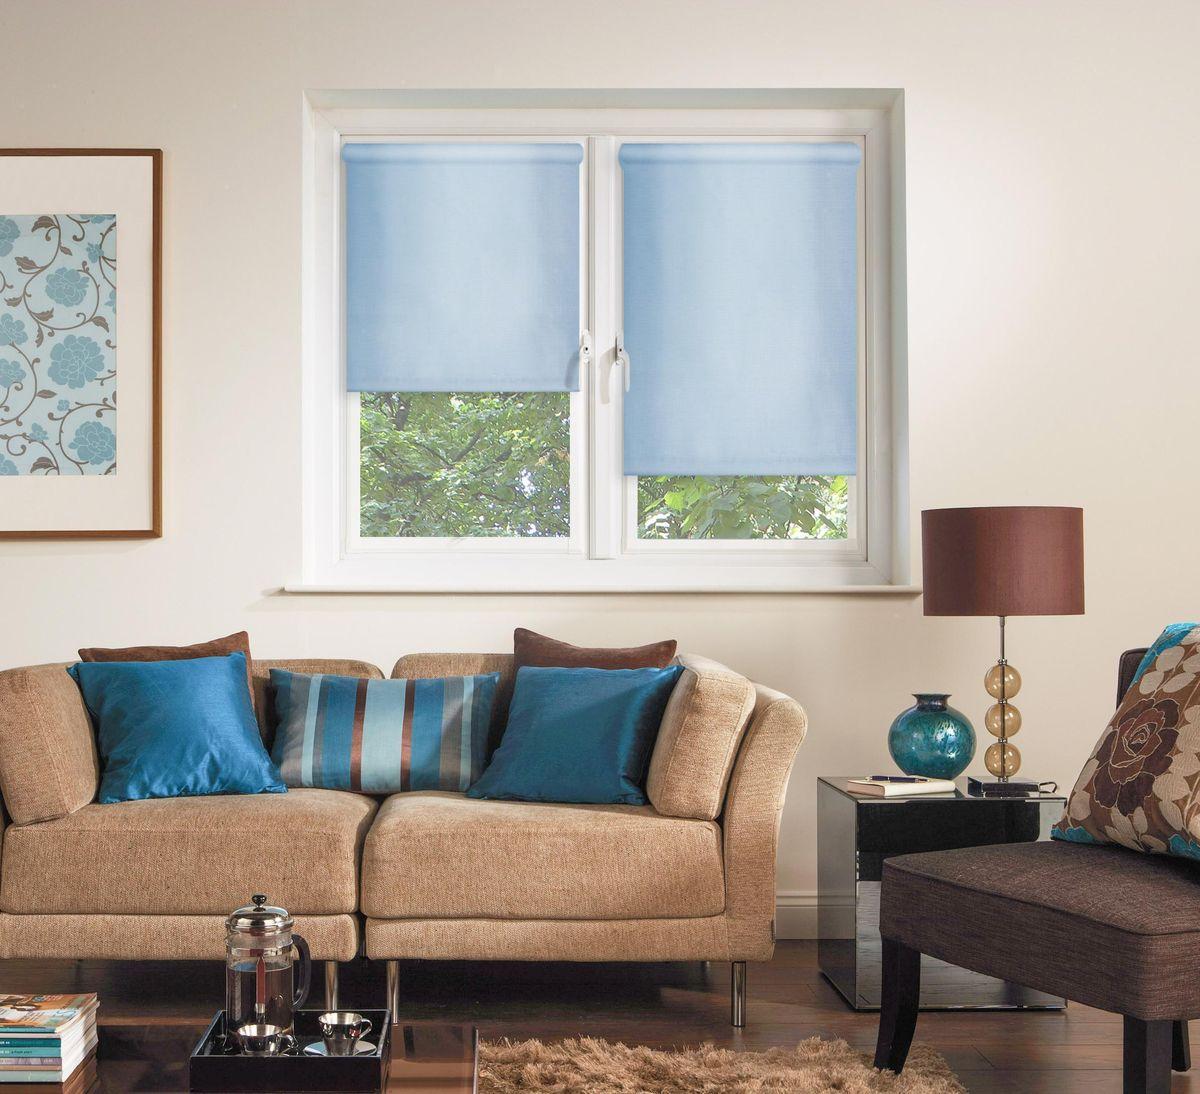 Штора рулонная Эскар, цвет: голубой, ширина 150 см, высота 170 см80621Рулонными шторами можно оформлять окна как самостоятельно, так и использовать в комбинации с портьерами. Это поможет предотвратить выгорание дорогой ткани на солнце и соединит функционал рулонных с красотой навесных.Преимущества применения рулонных штор для пластиковых окон:- имеют прекрасный внешний вид: многообразие и фактурность материала изделия отлично смотрятся в любом интерьере; - многофункциональны: есть возможность подобрать шторы способные эффективно защитить комнату от солнца, при этом о на не будет слишком темной. - Есть возможность осуществить быстрый монтаж. ВНИМАНИЕ! Размеры ширины изделия указаны по ширине ткани!Во время эксплуатации не рекомендуется полностью разматывать рулон, чтобы не оторвать ткань от намоточного вала.В случае загрязнения поверхности ткани, чистку шторы проводят одним из способов, в зависимости от типа загрязнения: легкое поверхностное загрязнение можно удалить при помощи канцелярского ластика; чистка от пыли производится сухим методом при помощи пылесоса с мягкой щеткой-насадкой; для удаления пятна используйте мягкую губку с пенообразующим неагрессивным моющим средством или пятновыводитель на натуральной основе (нельзя применять растворители).